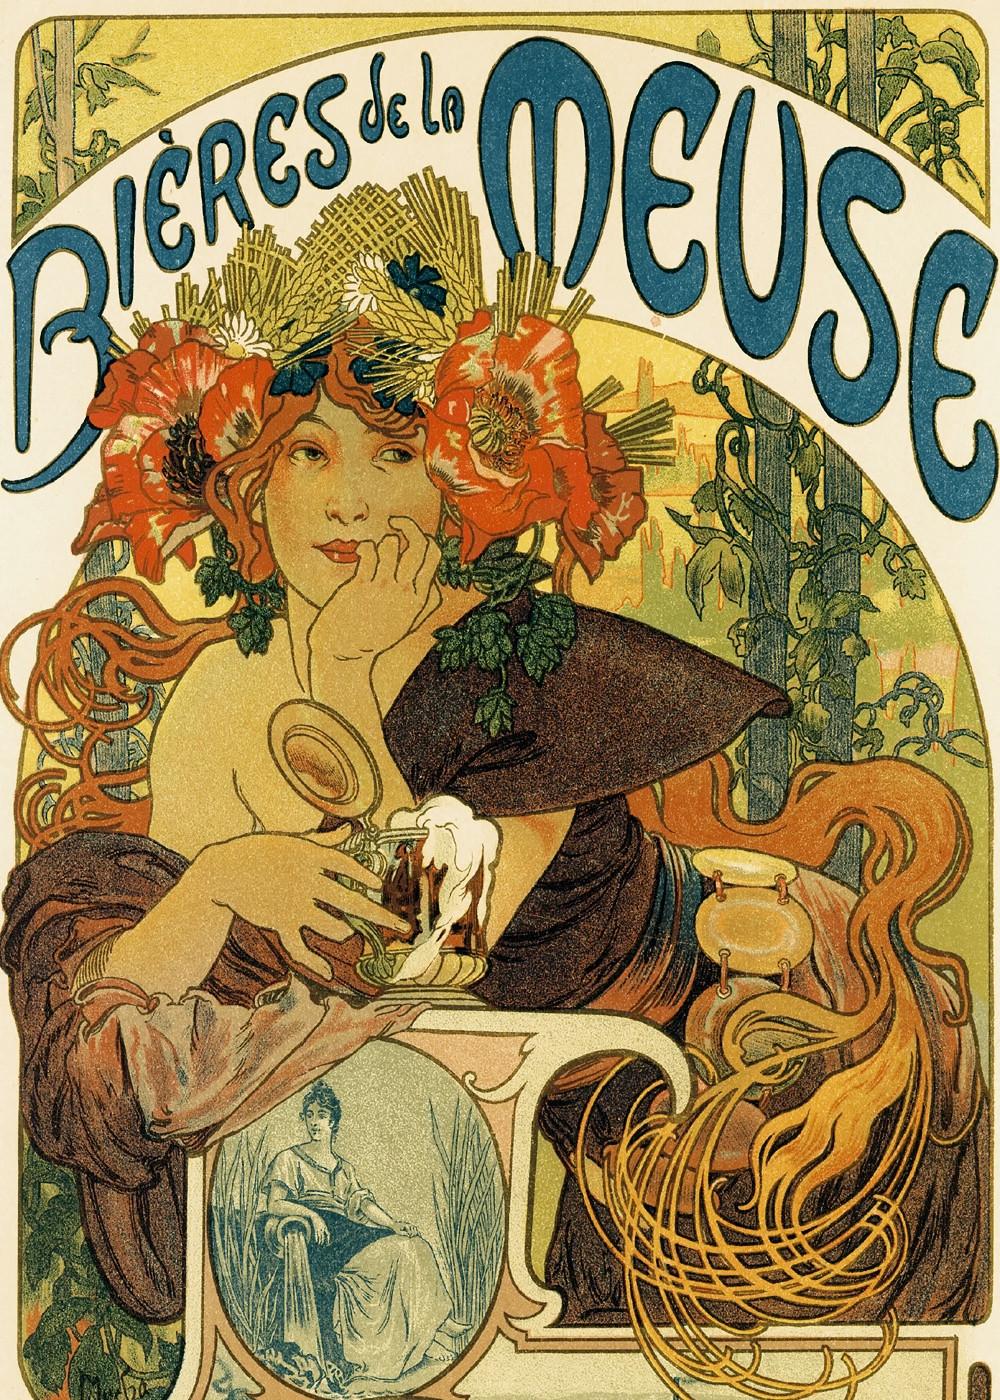 Bières de la Meuse by Alphonse Mucha